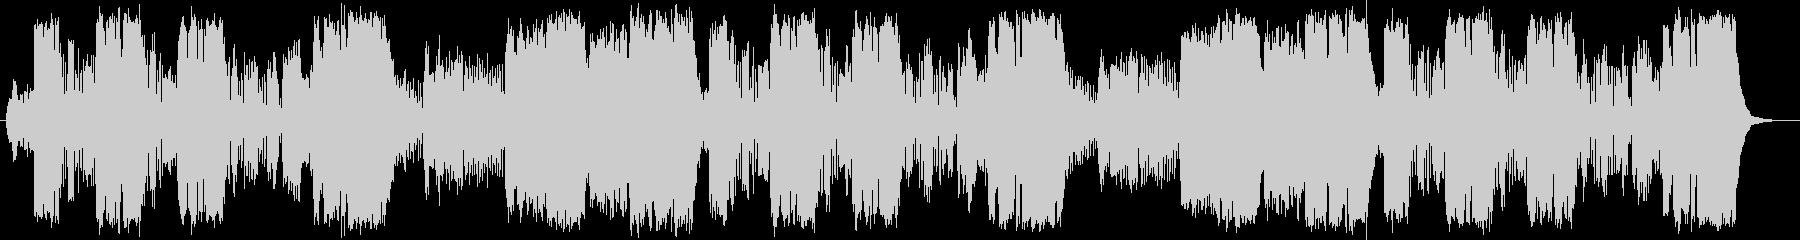 メルヘンな管弦楽器シンセサイザーサウンドの未再生の波形